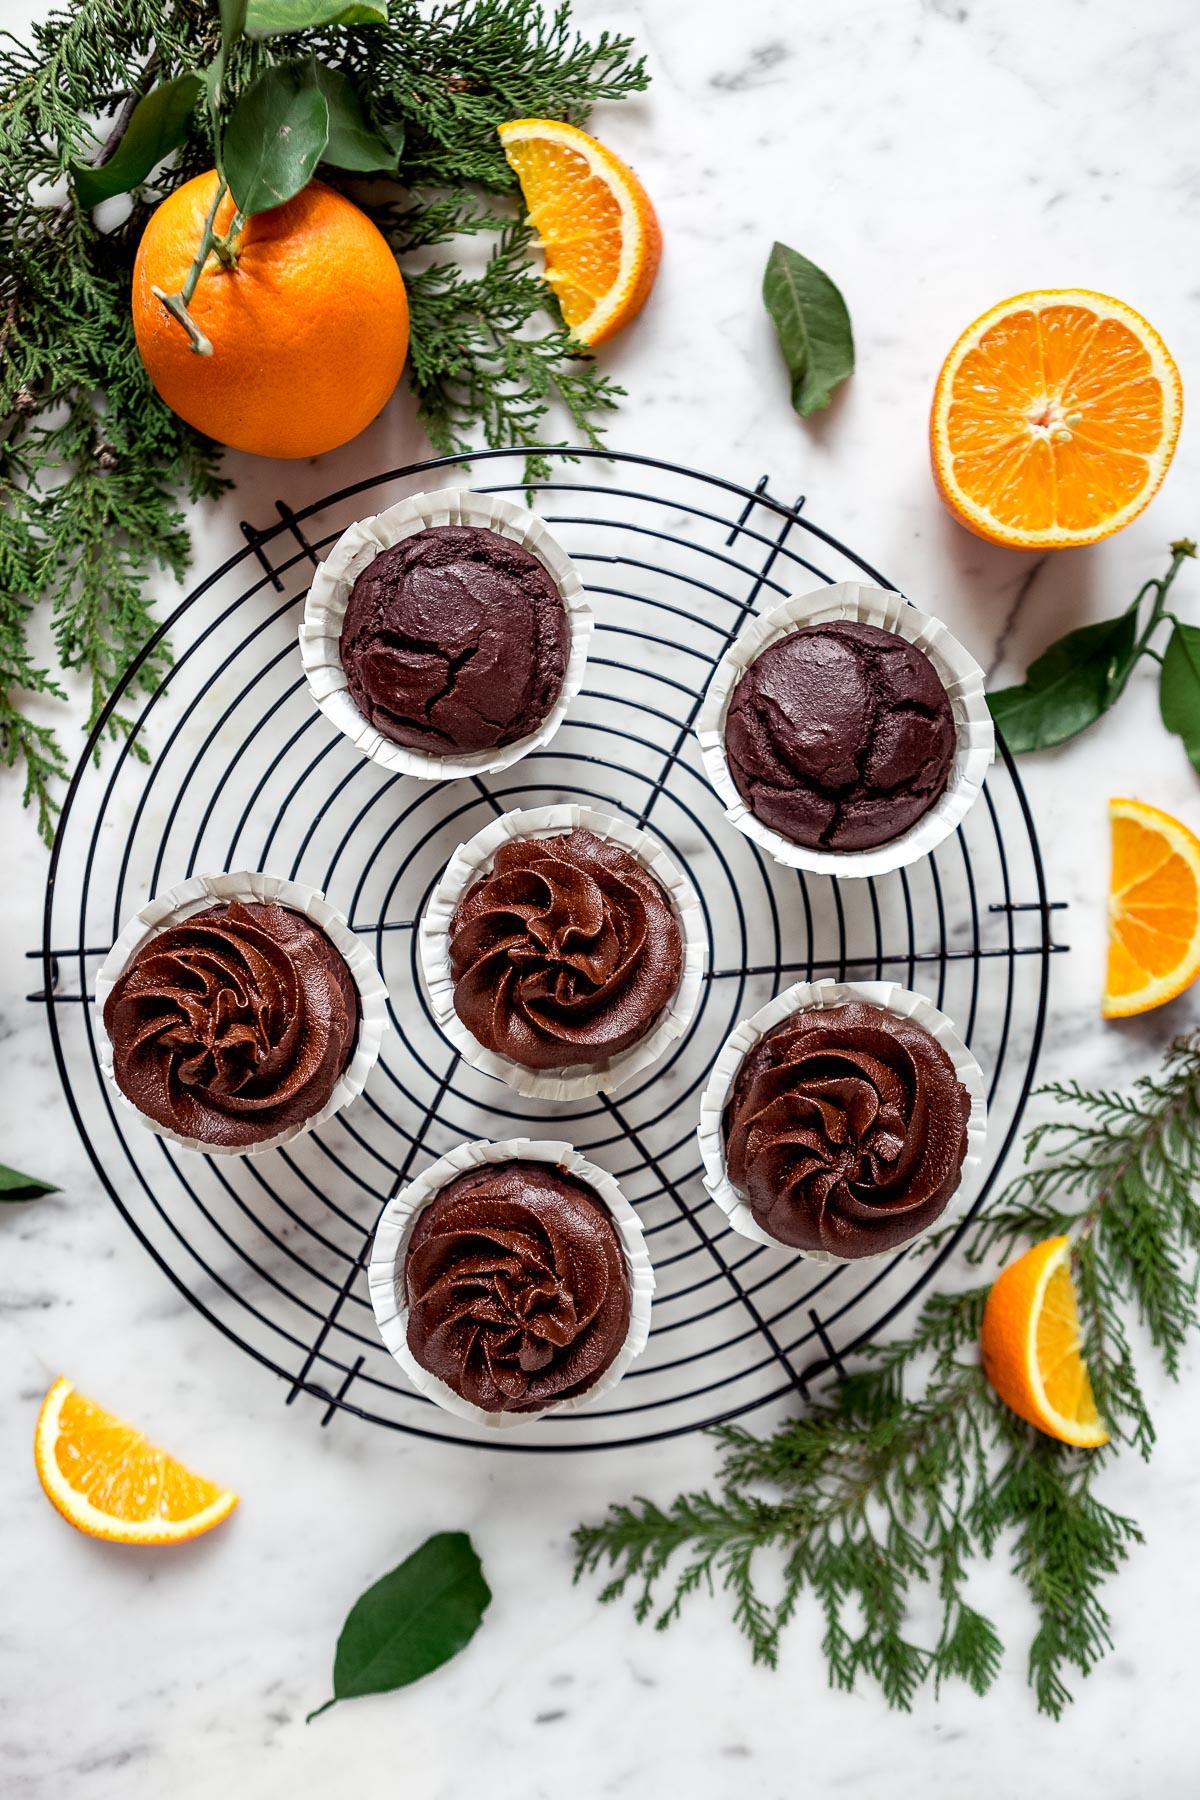 ricetta CUPCAKES VEGAN al CIOCCOLATO ARANCIA e ZUCCA con mousse al cioccolato datteri e zucca vegan CHOCOLATE PUMPKIN CUPCAKES with pumpkin DATE CHOCOLATE frosting